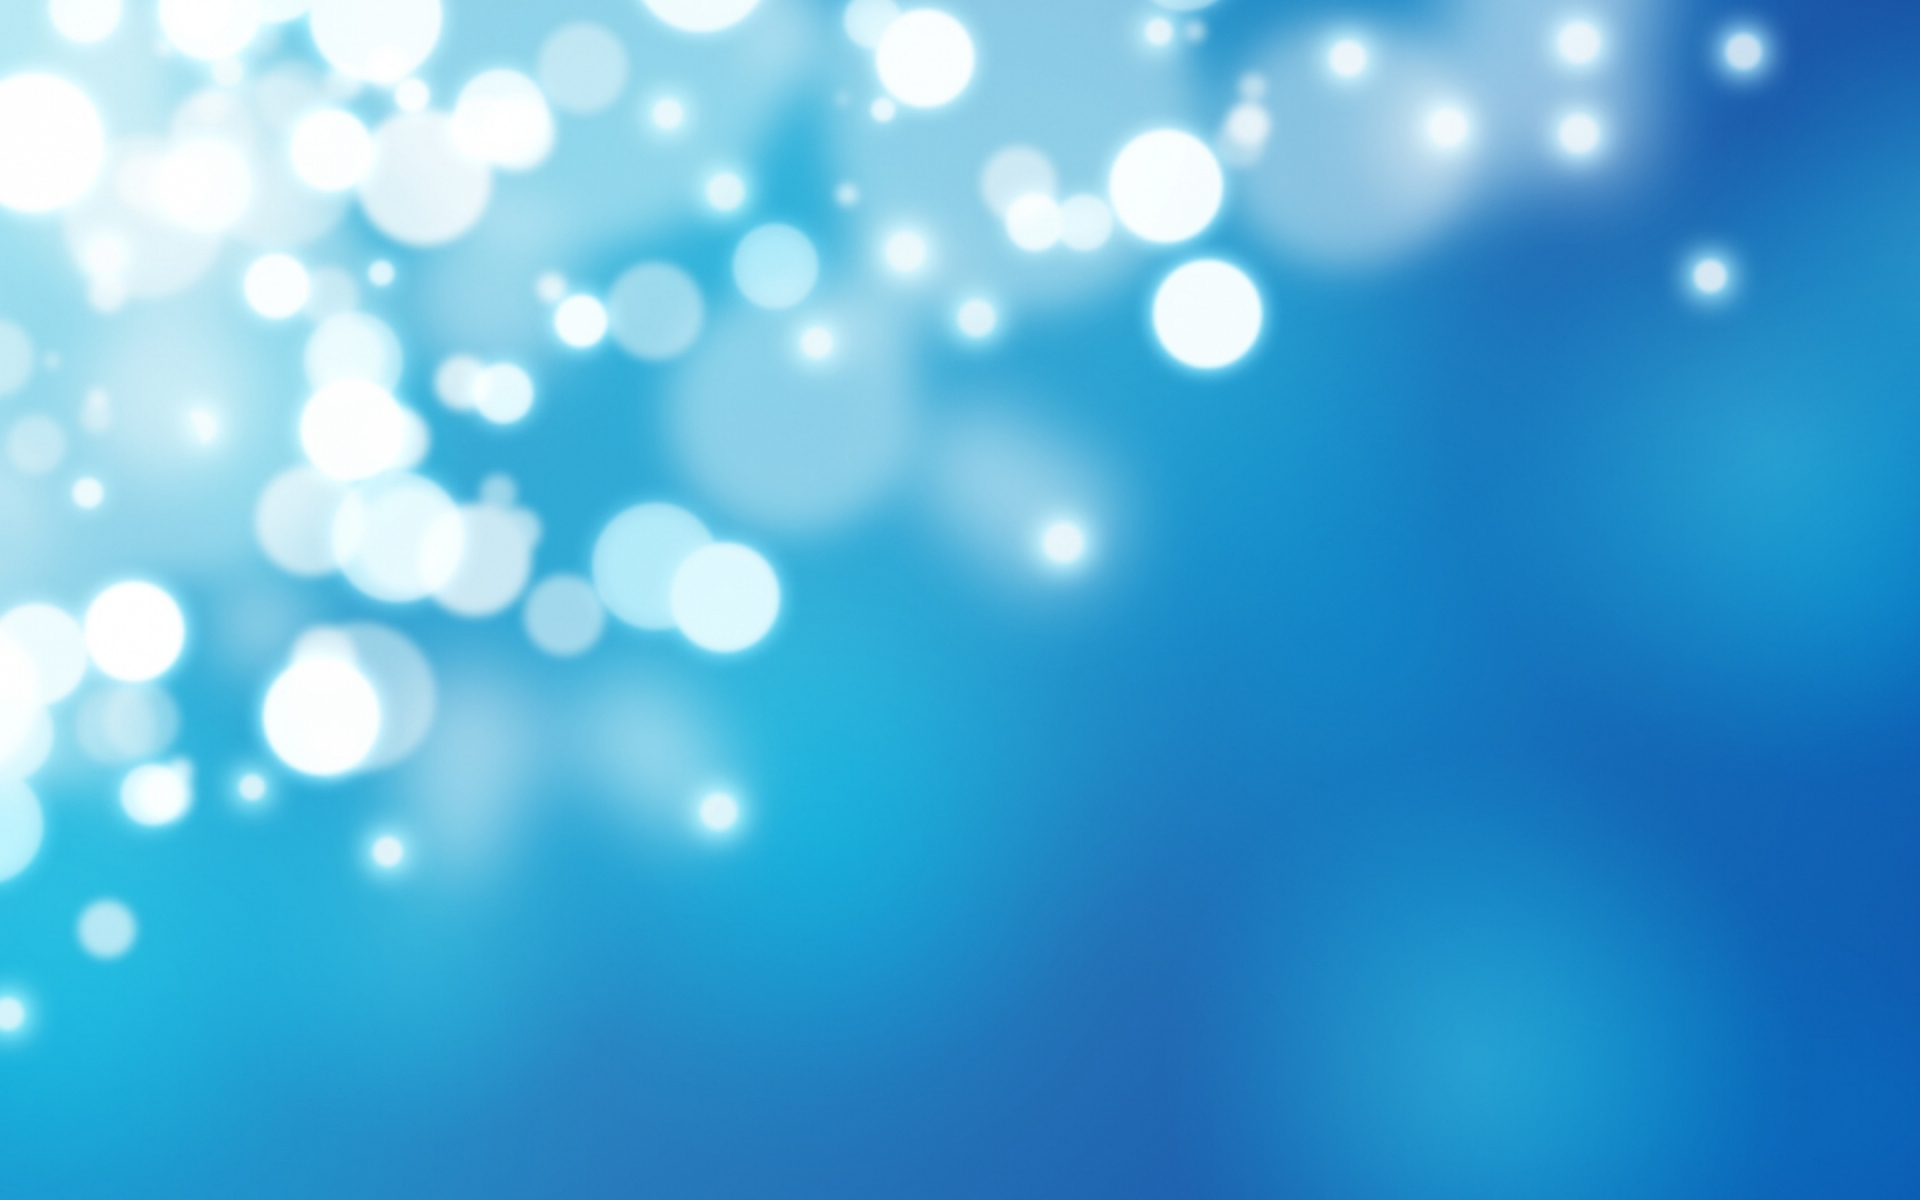 Картинки Круги, подсветка, фон, пятно, свет фото и обои на рабочий стол